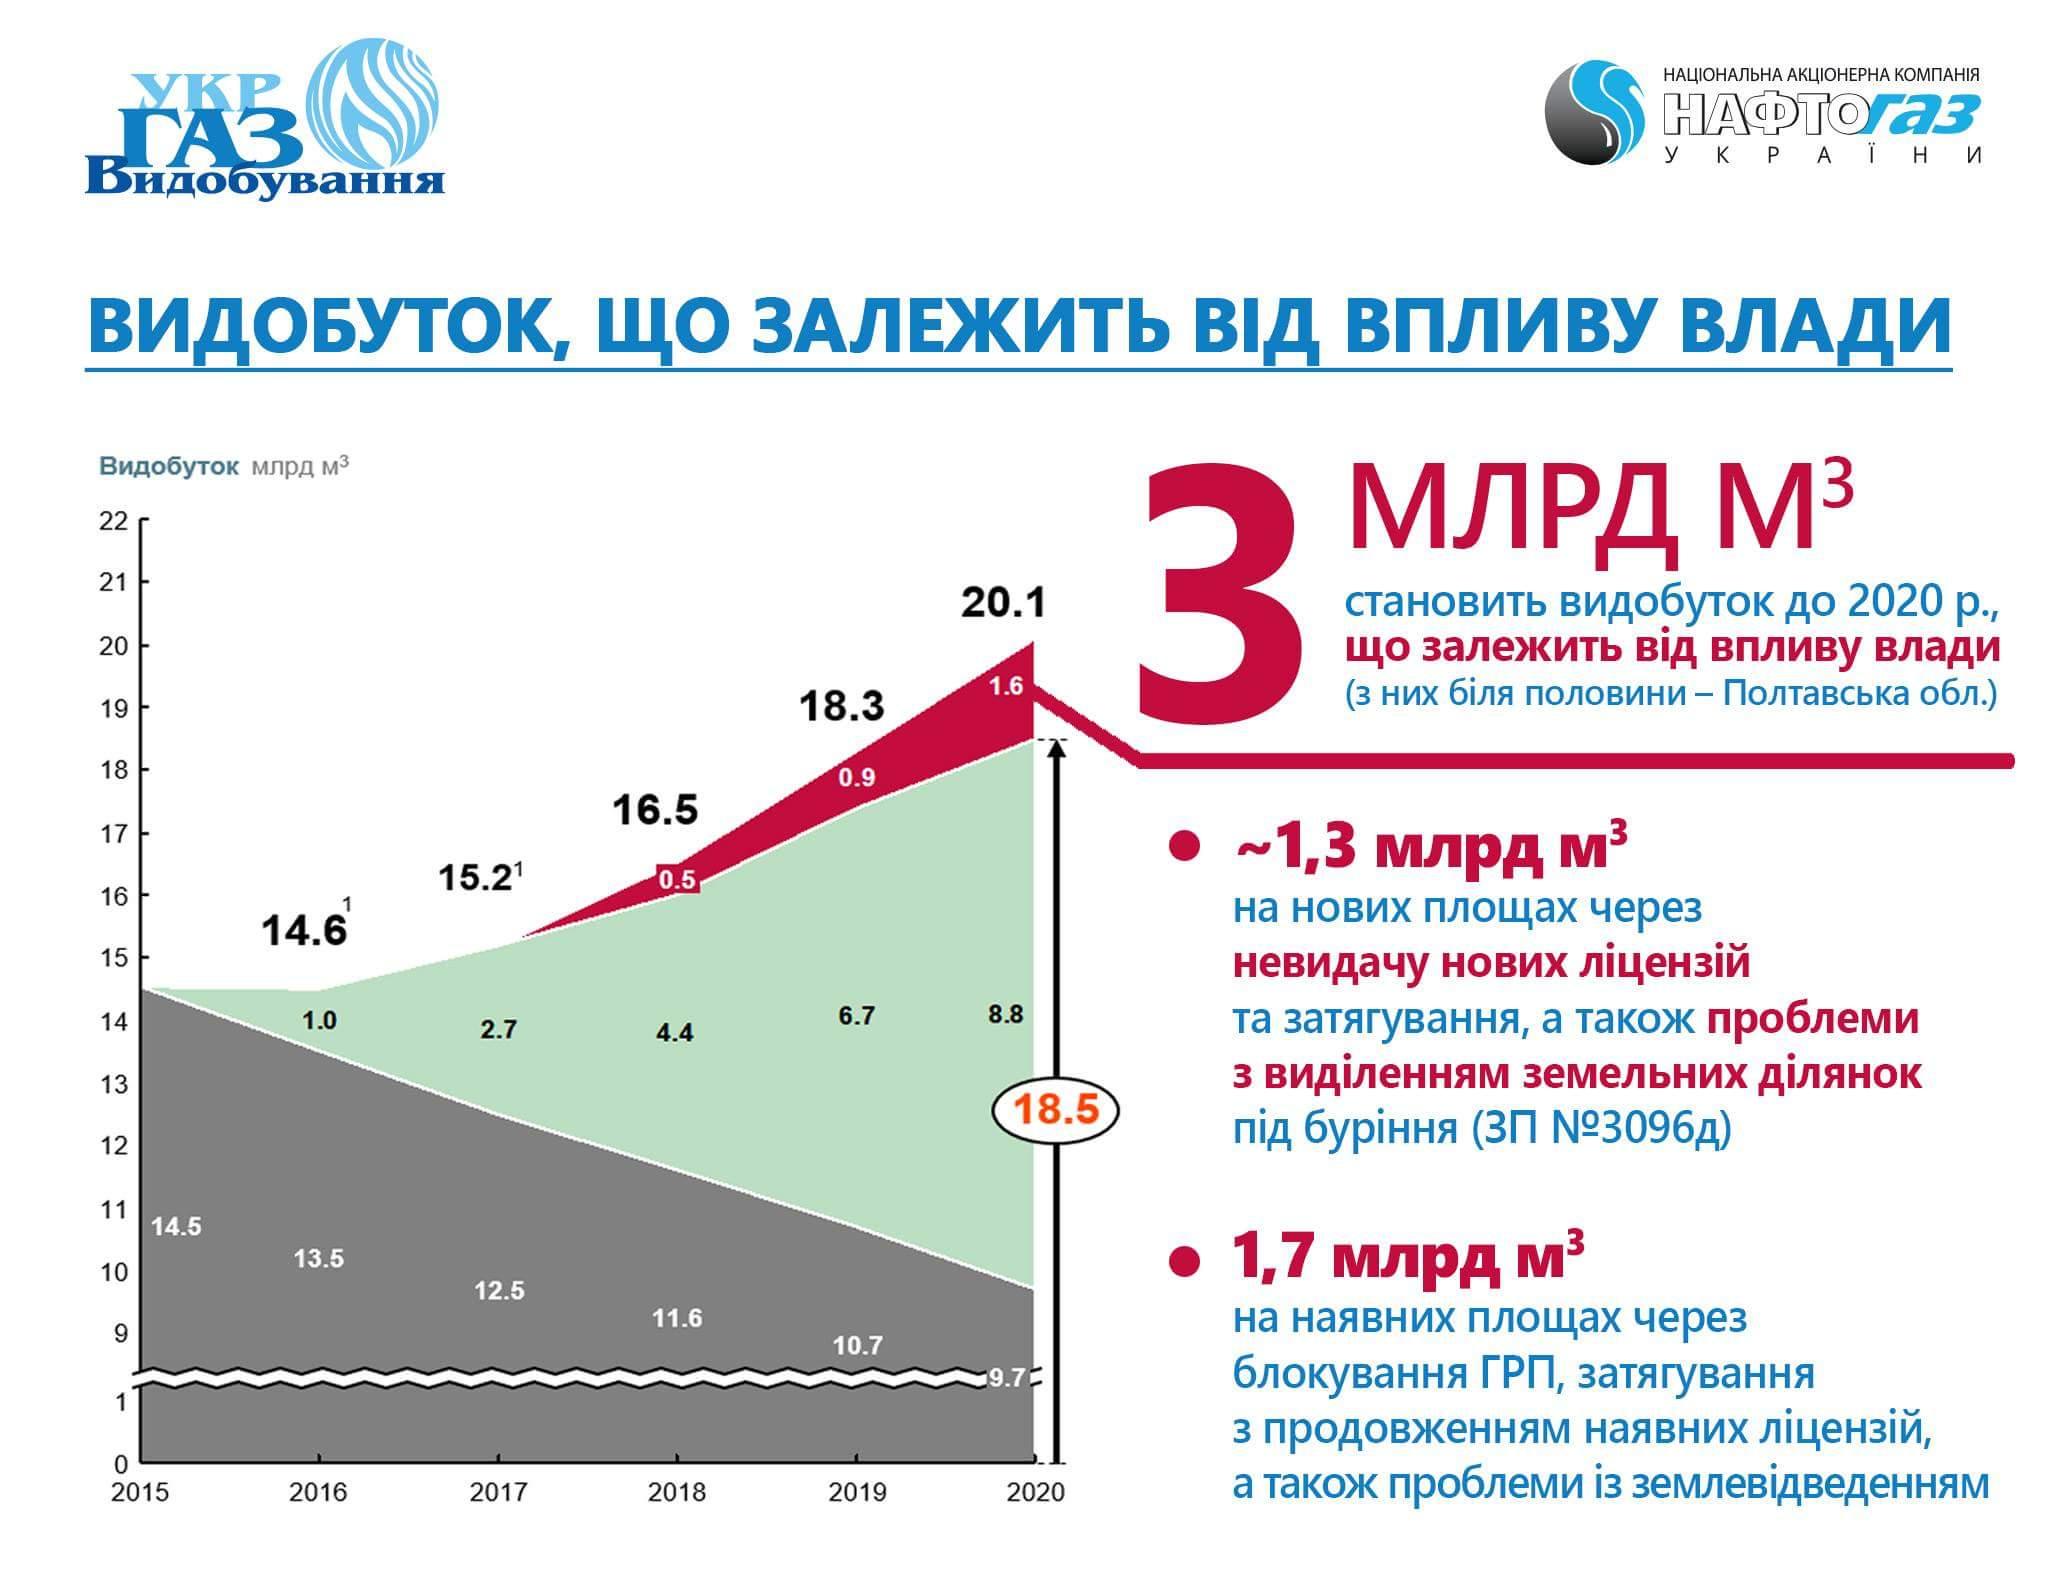 Олег Прохоренко: «Видобуток трьох мільярдів м3 газу до 2020 року напряму залежить від дій влади»